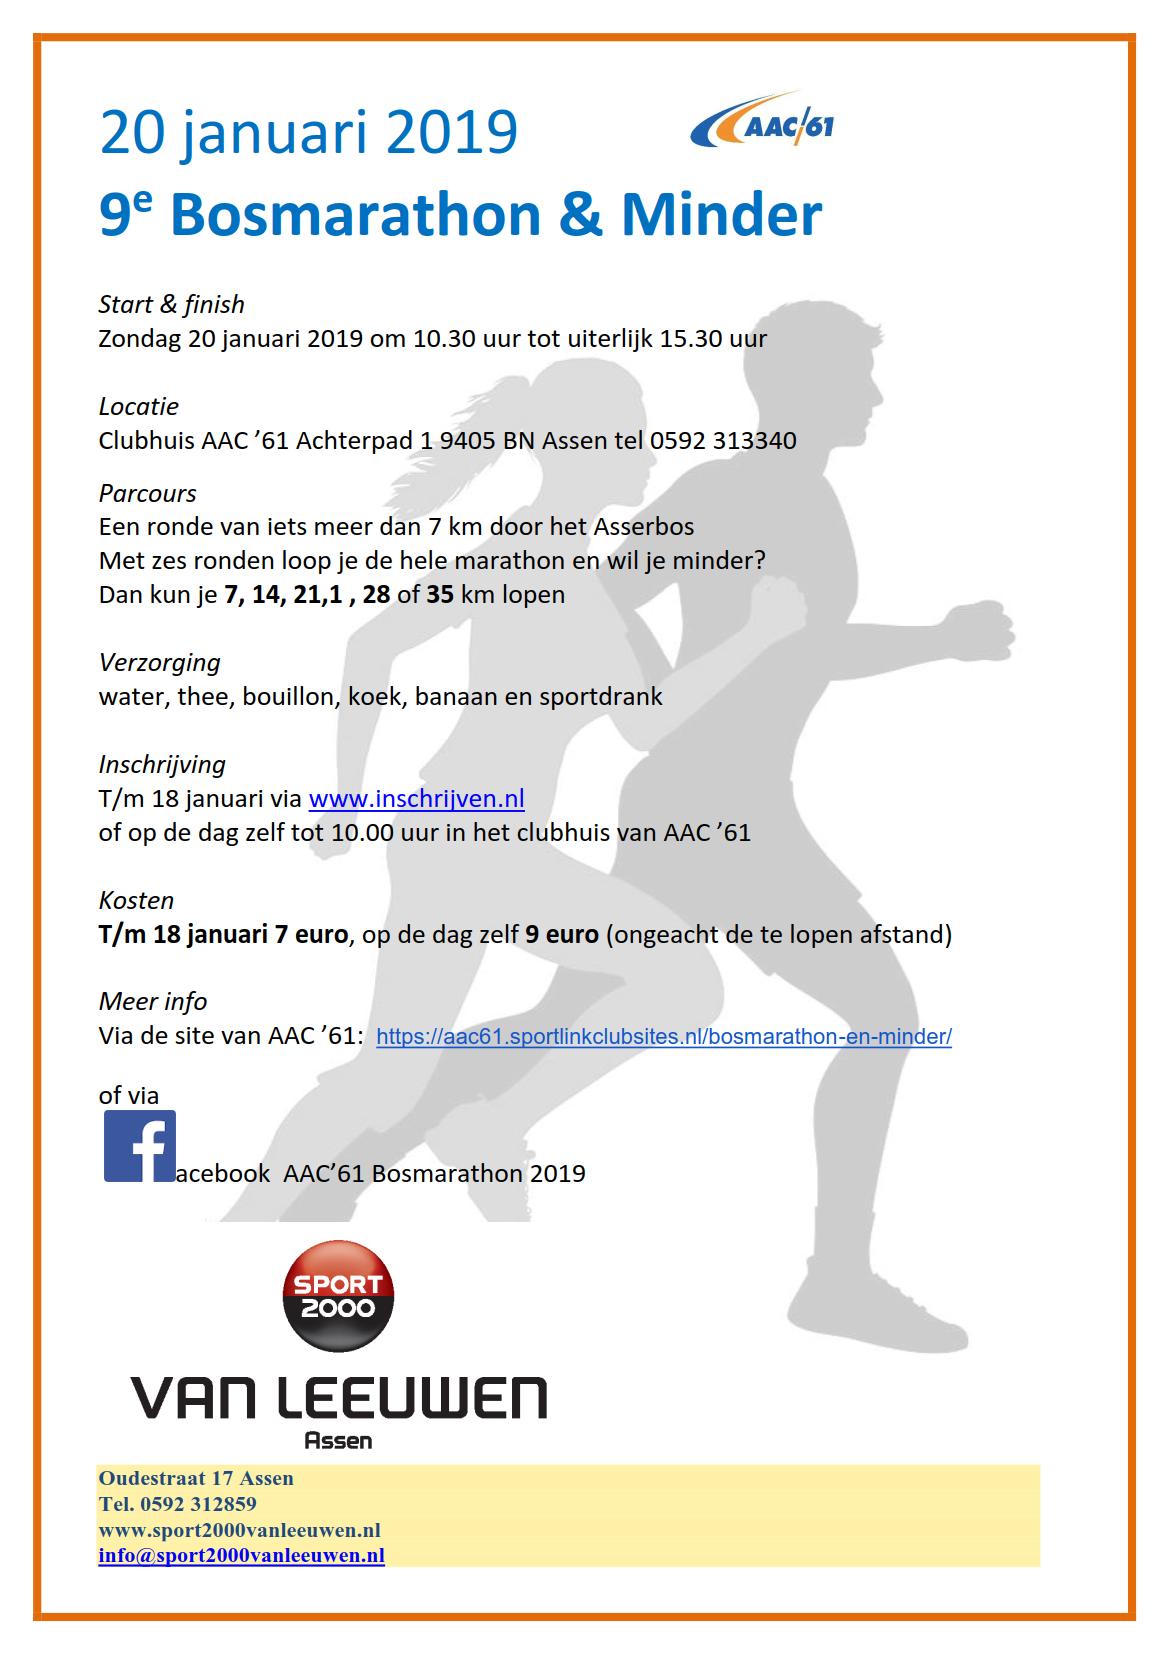 9e Bosmarathon & Minder - flyer